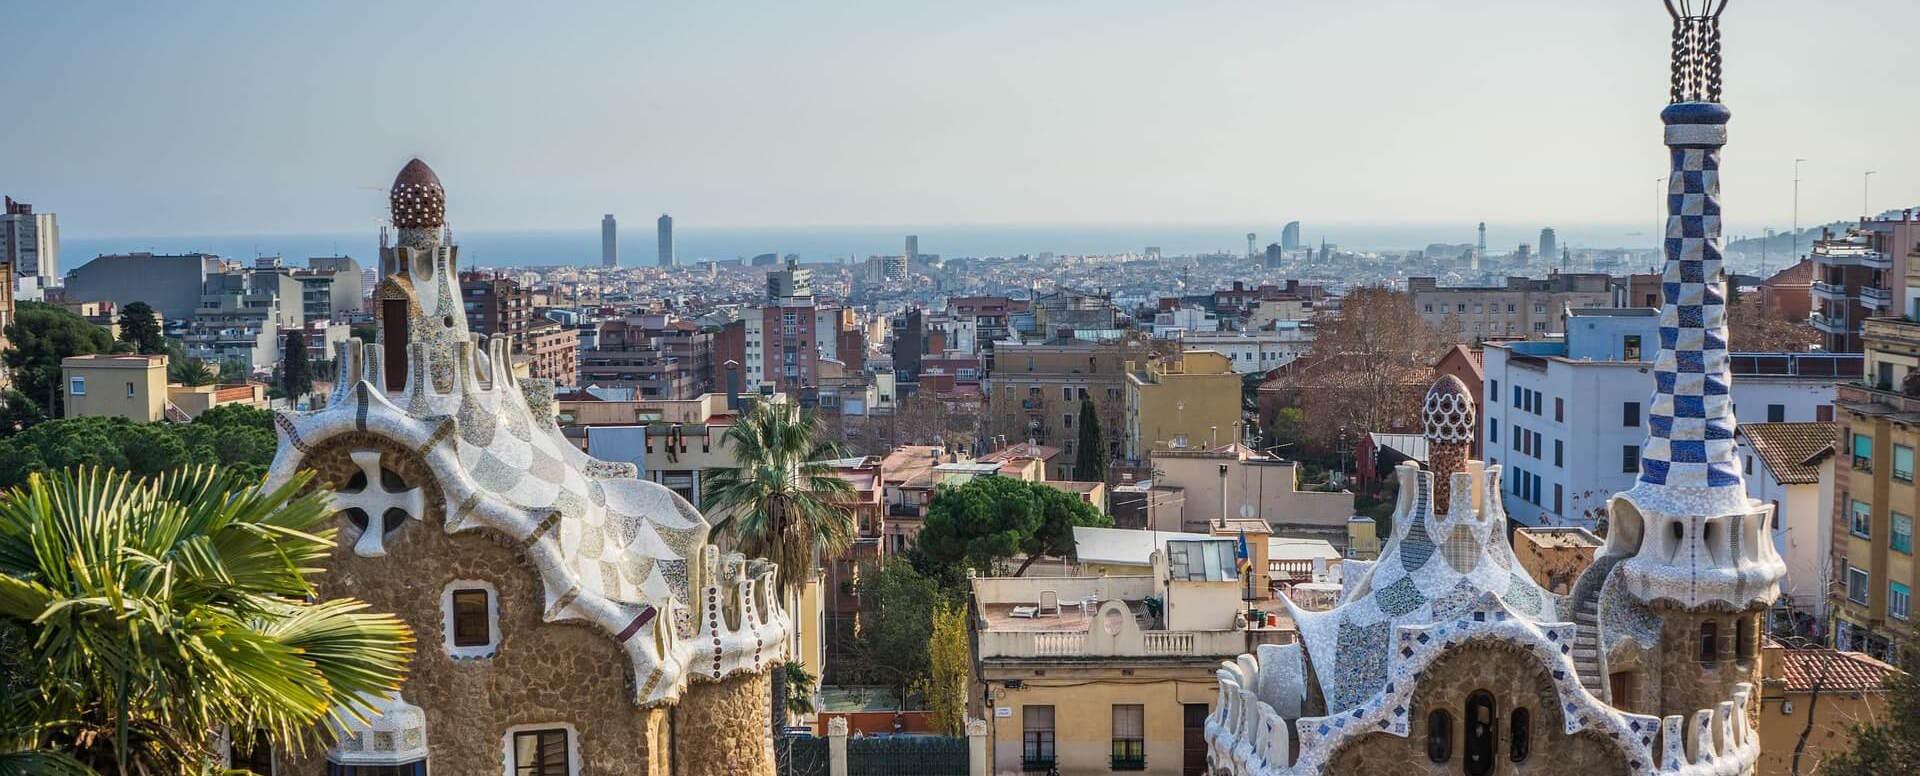 Les incontournables à faire à Barcelone - Barcelone